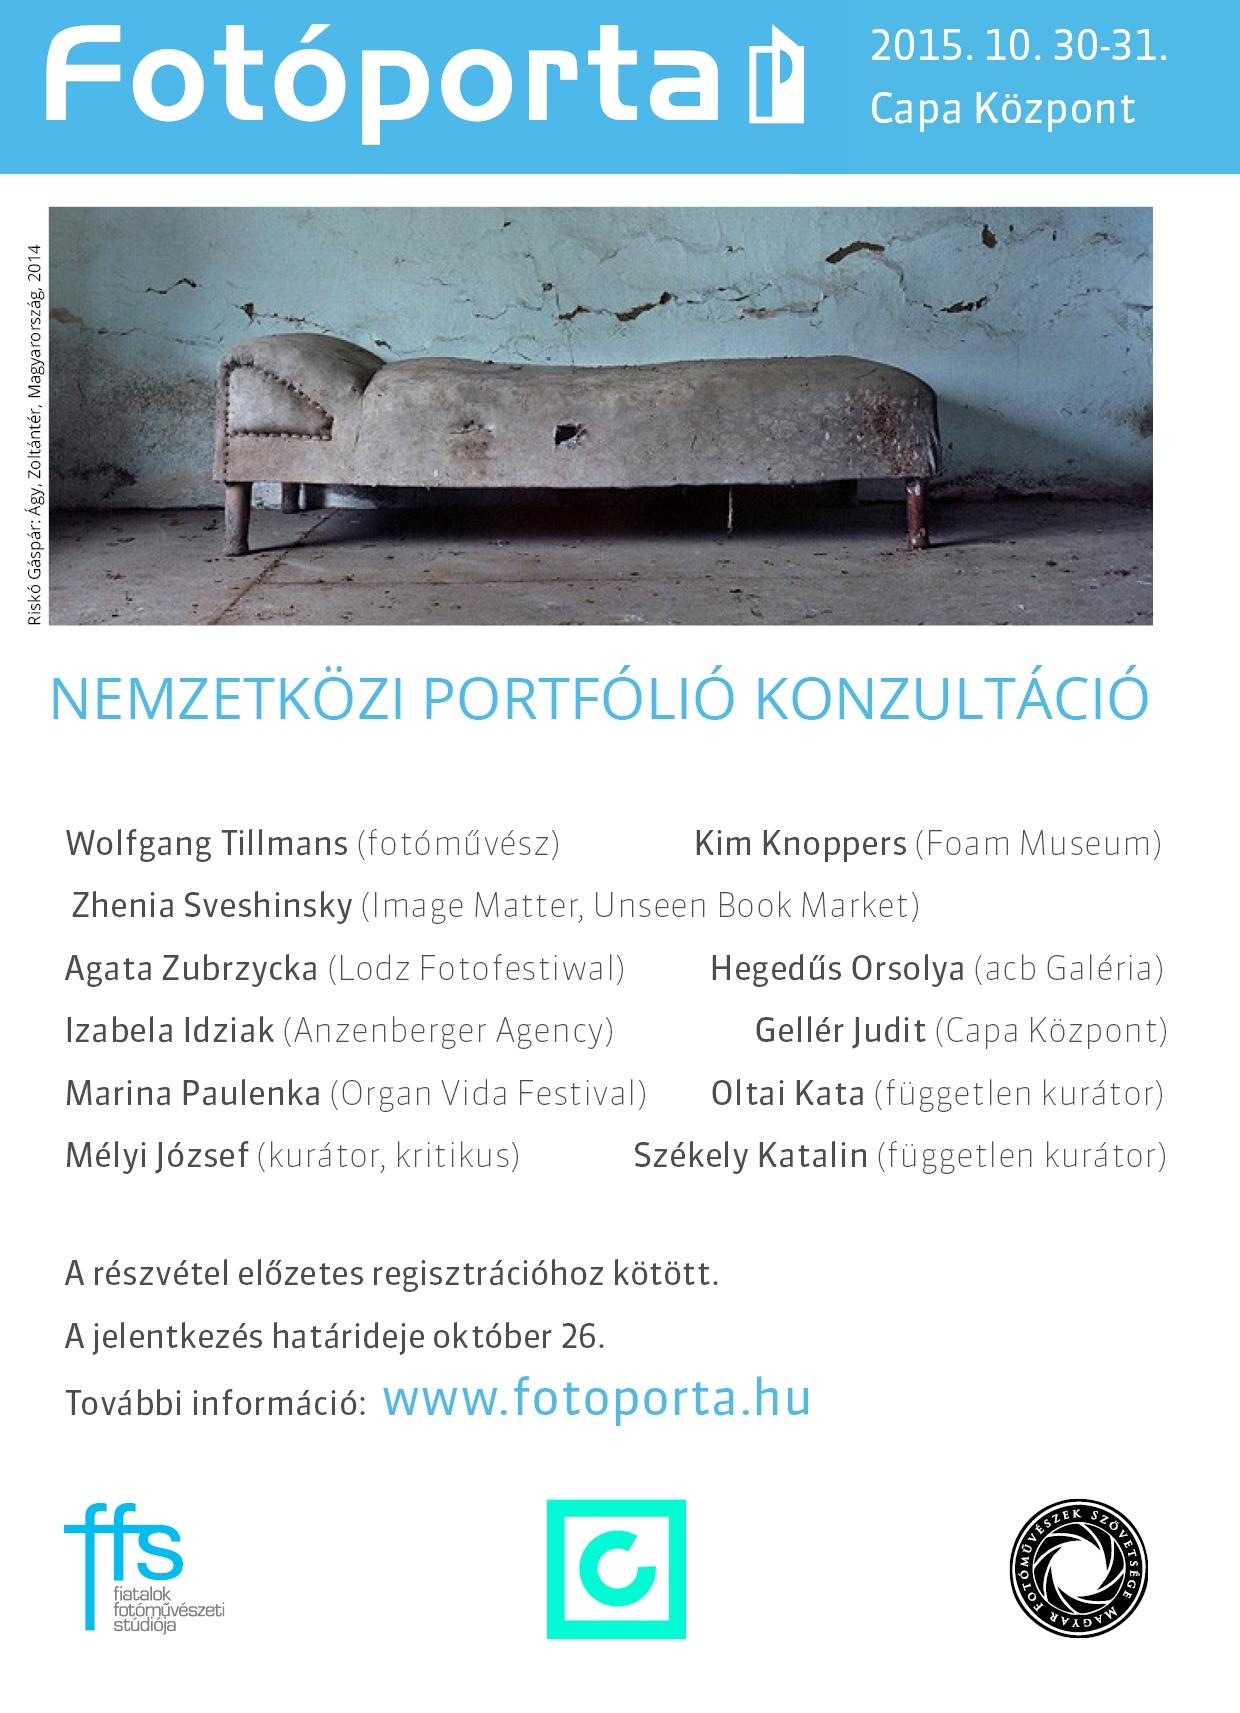 Fotóporta plakát